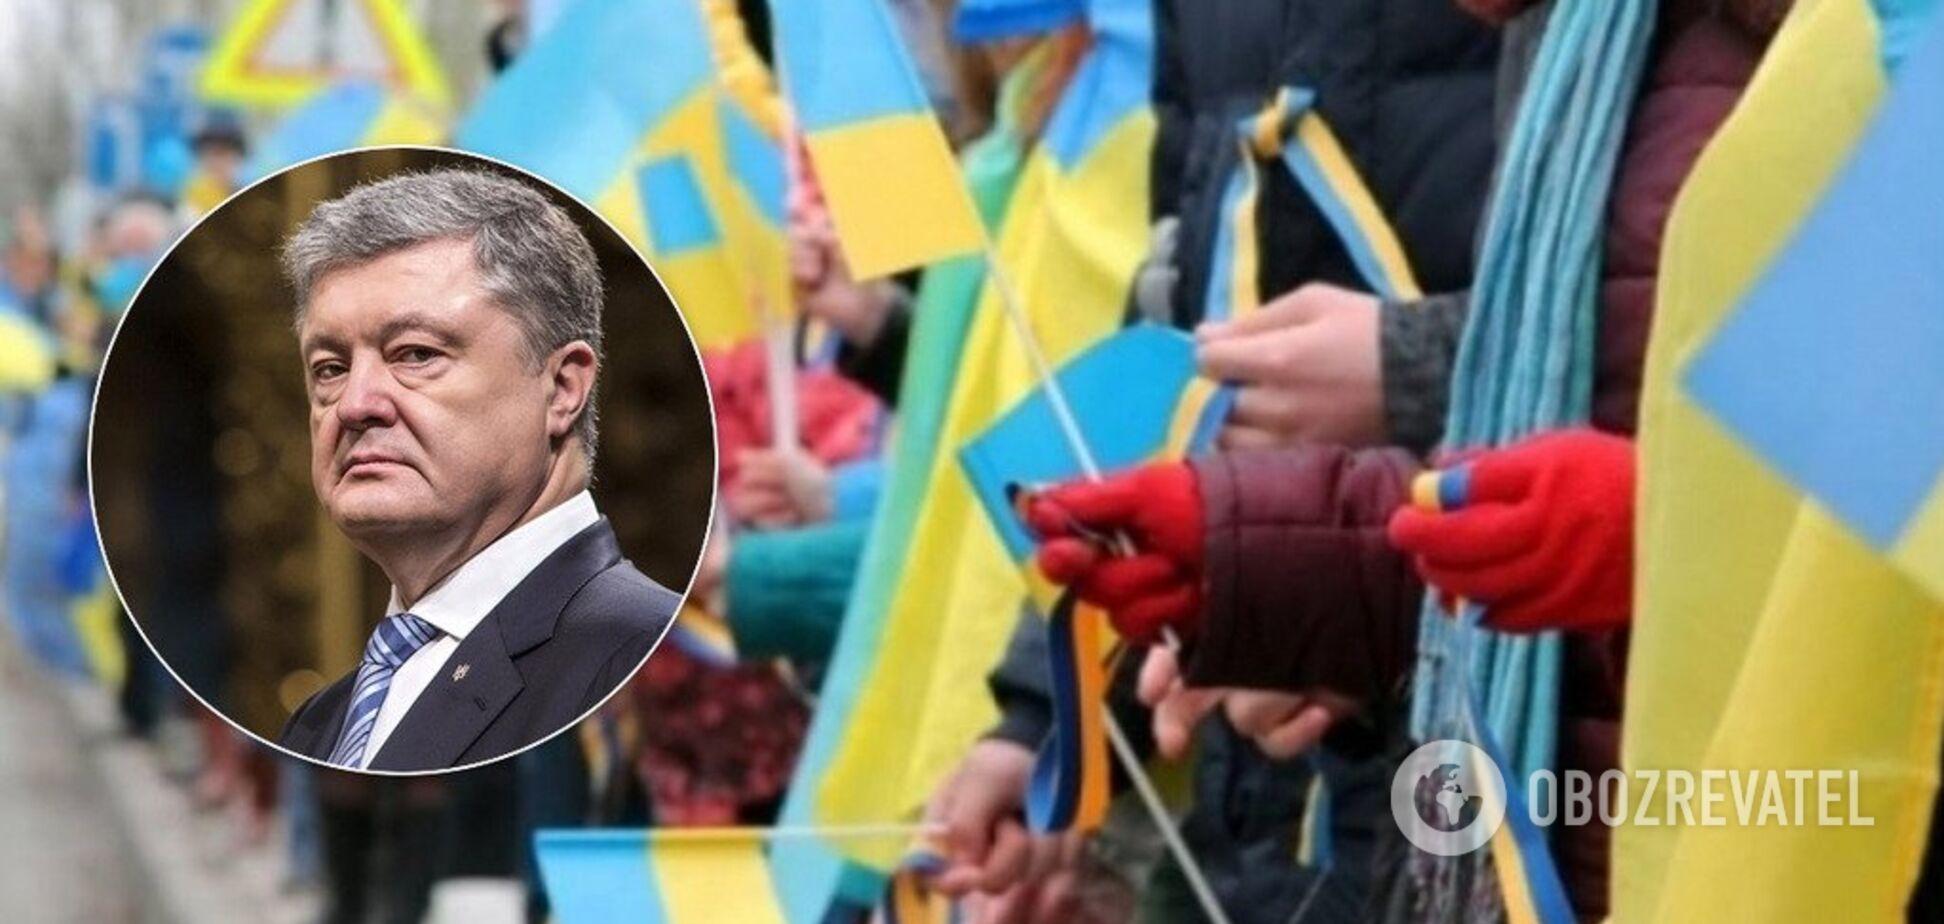 Всемирный конгресс украинцев сделал мощное заявление из-за преследования Порошенко и назначения Бабикова